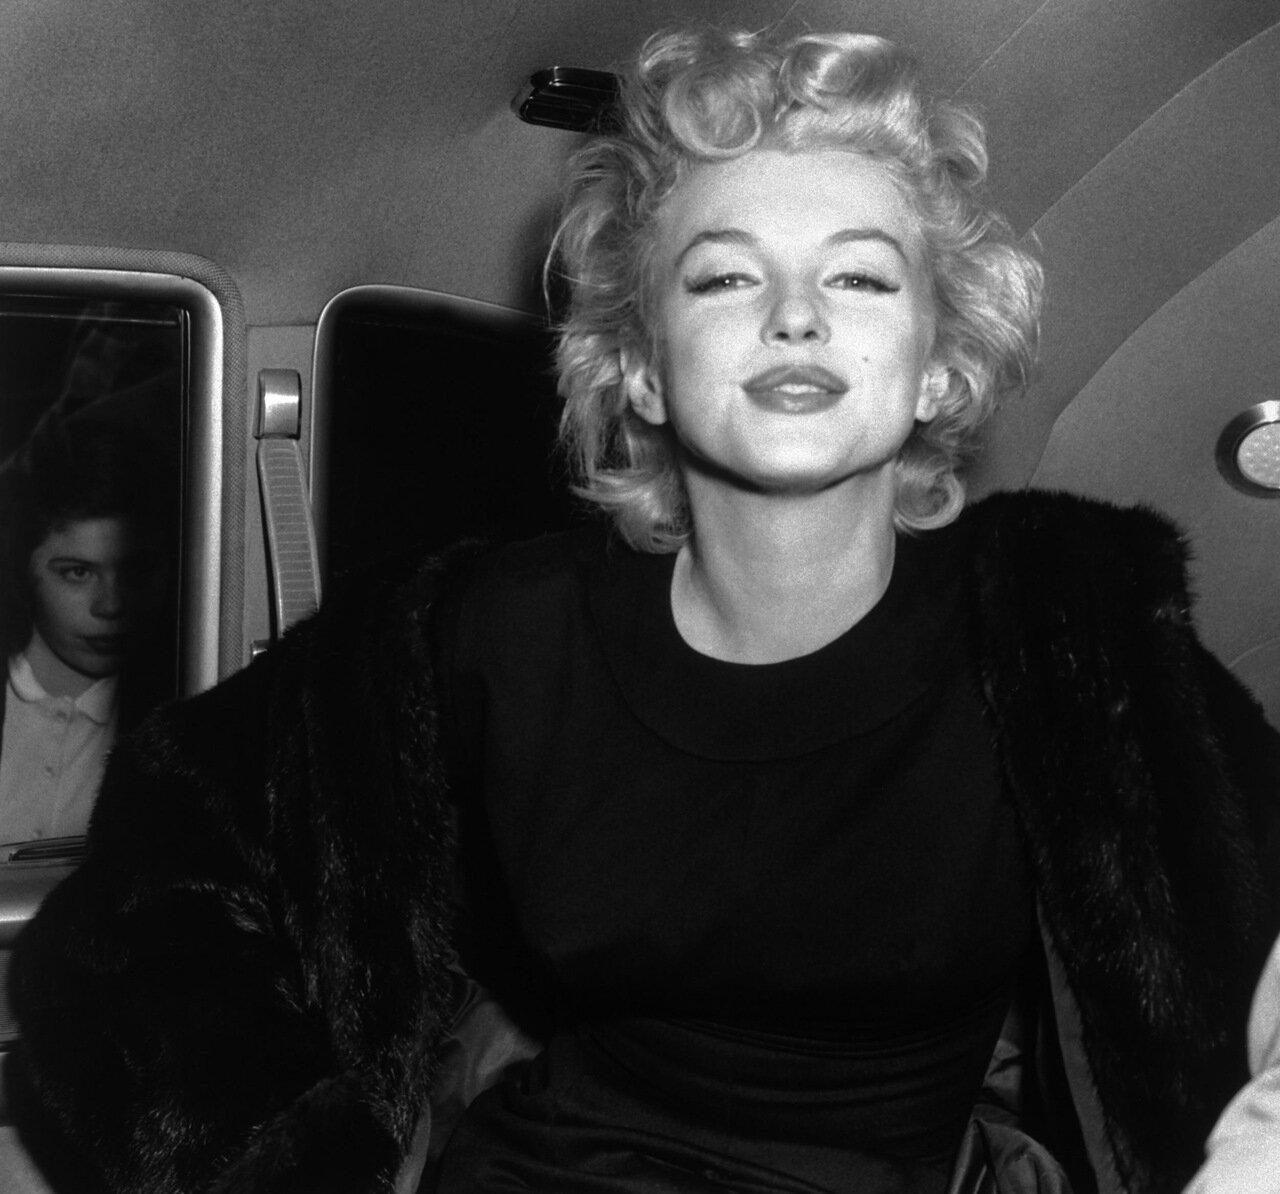 Marilyn Monroe Smiling in Car